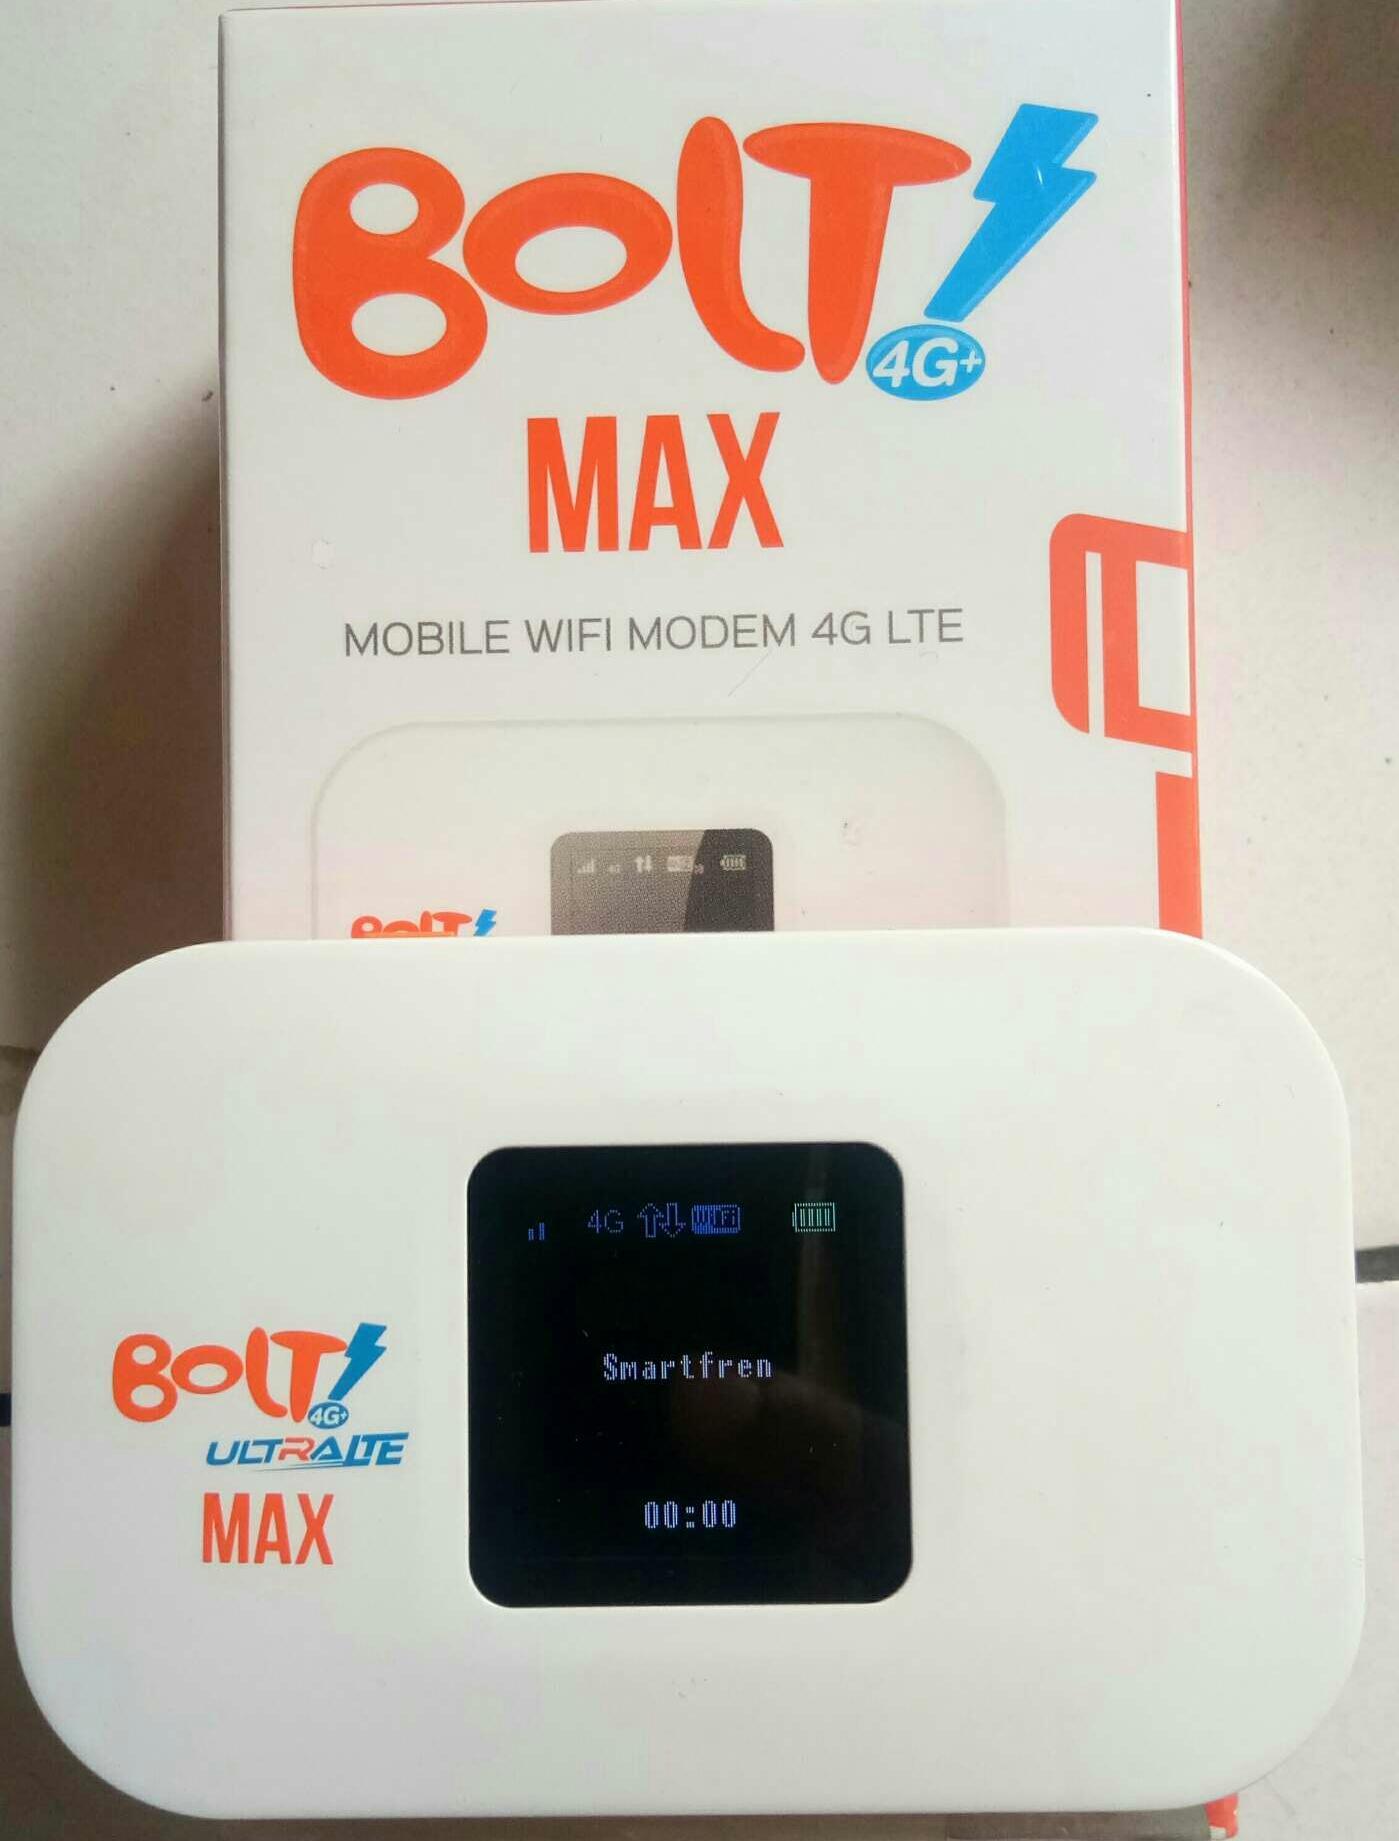 MiFi BOLT AQUILA MAX BL1 Unlock